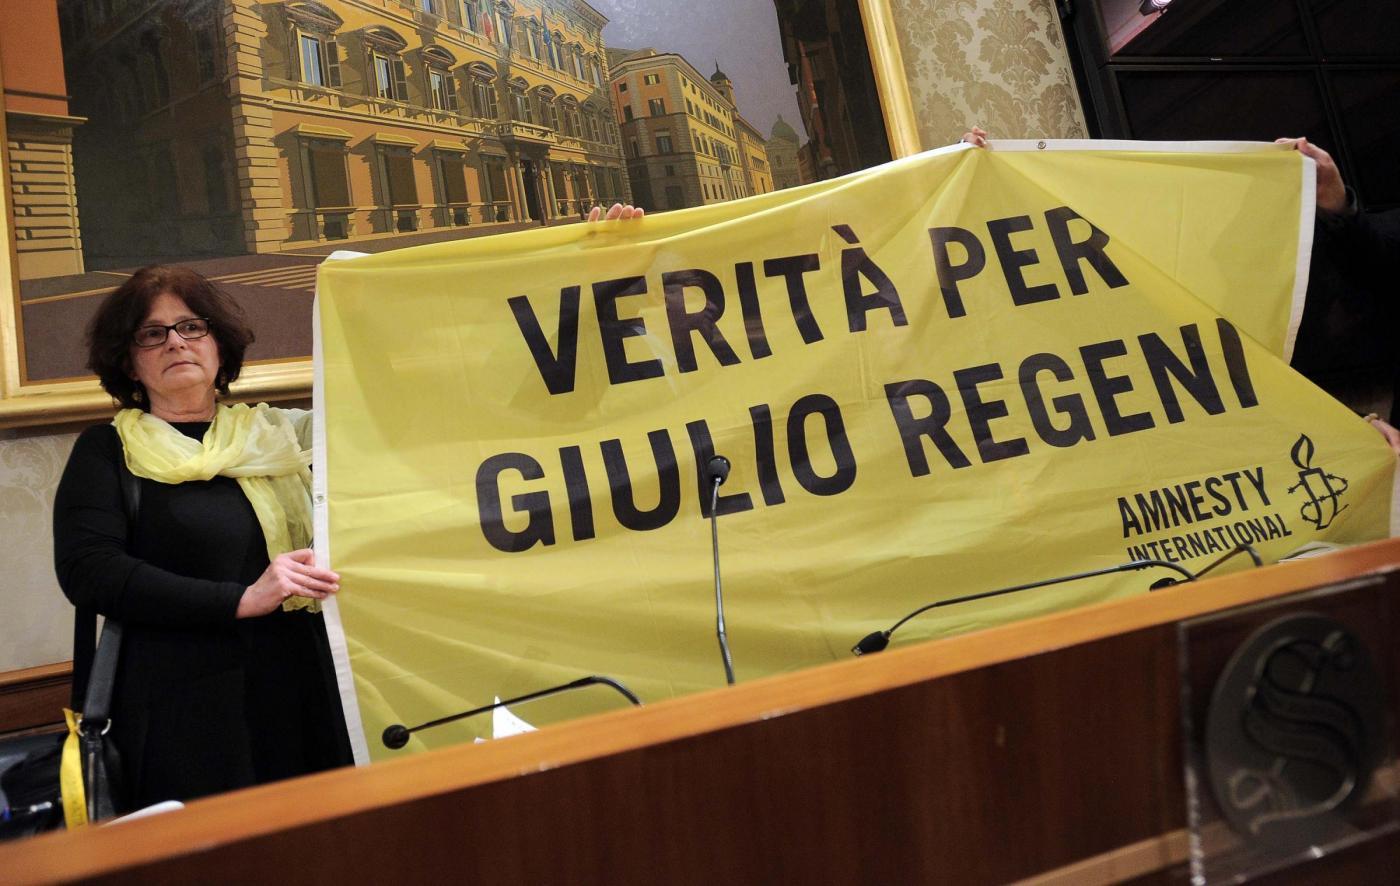 Giulio Regeni, i genitori all'Europa: 'Egitto non può essere paese amico'